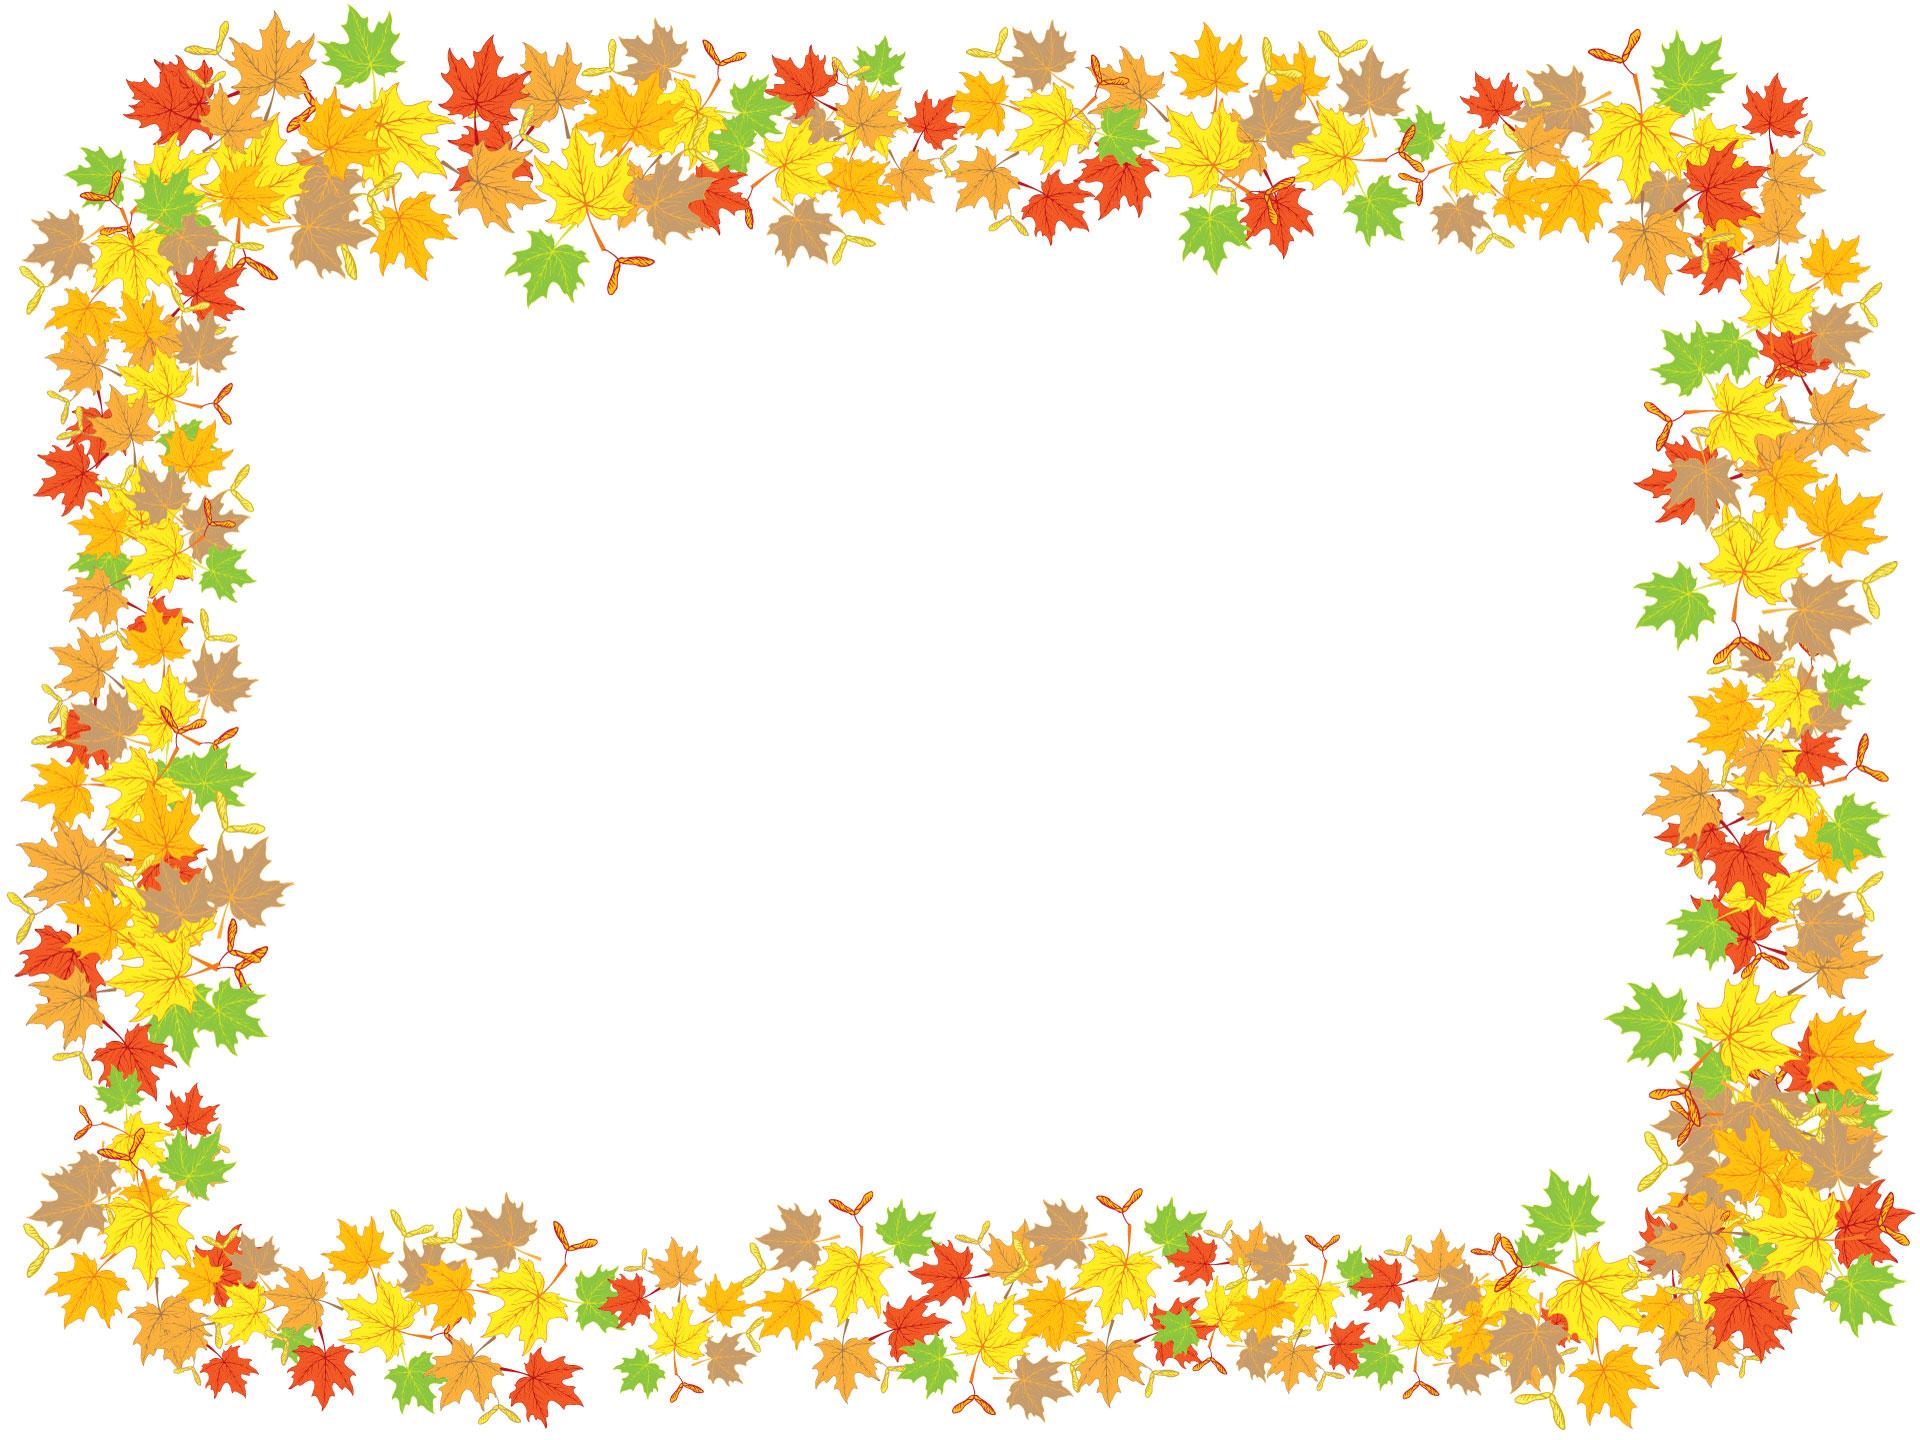 葉っぱ・草木のイラスト・フリー素材/フレーム枠no.124『秋の紅葉